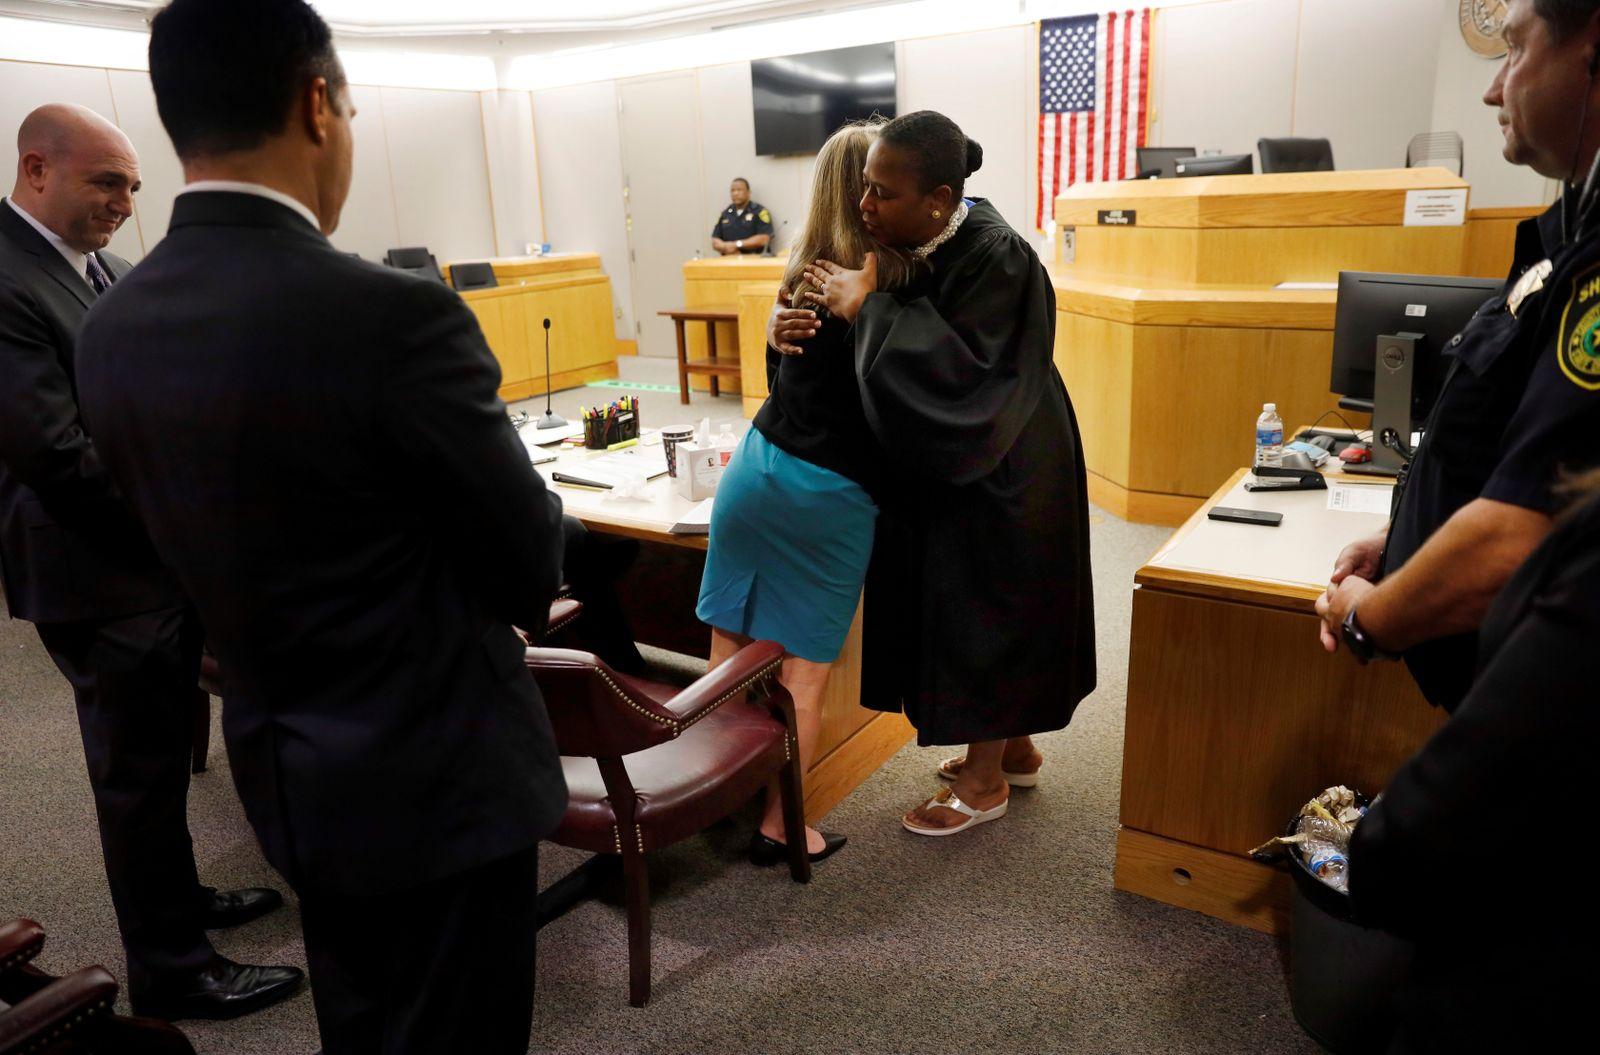 Texas Dallas Richterin umarmt Verurteilte